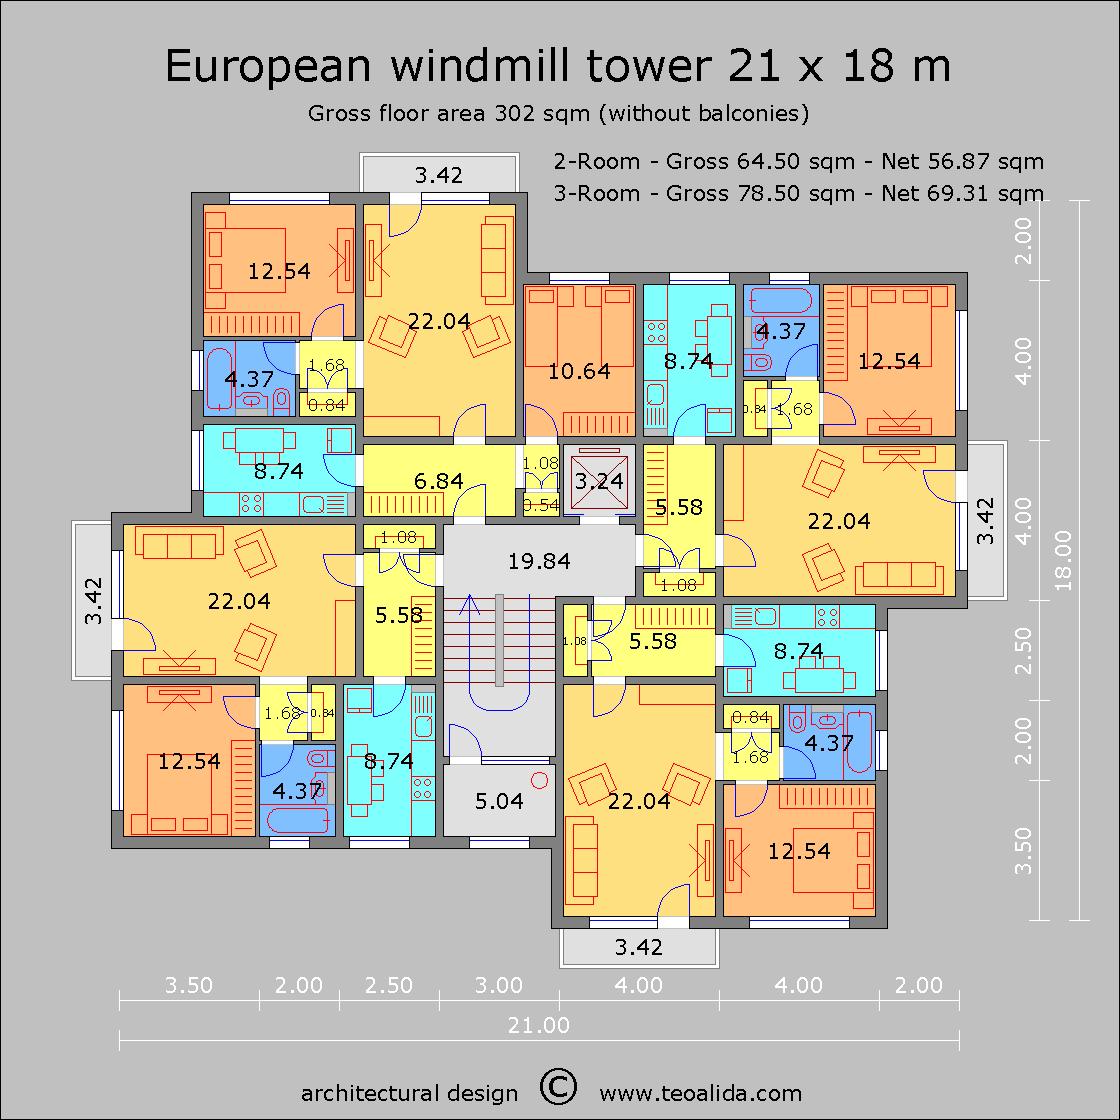 European Windmill Tower 21 x 18 m